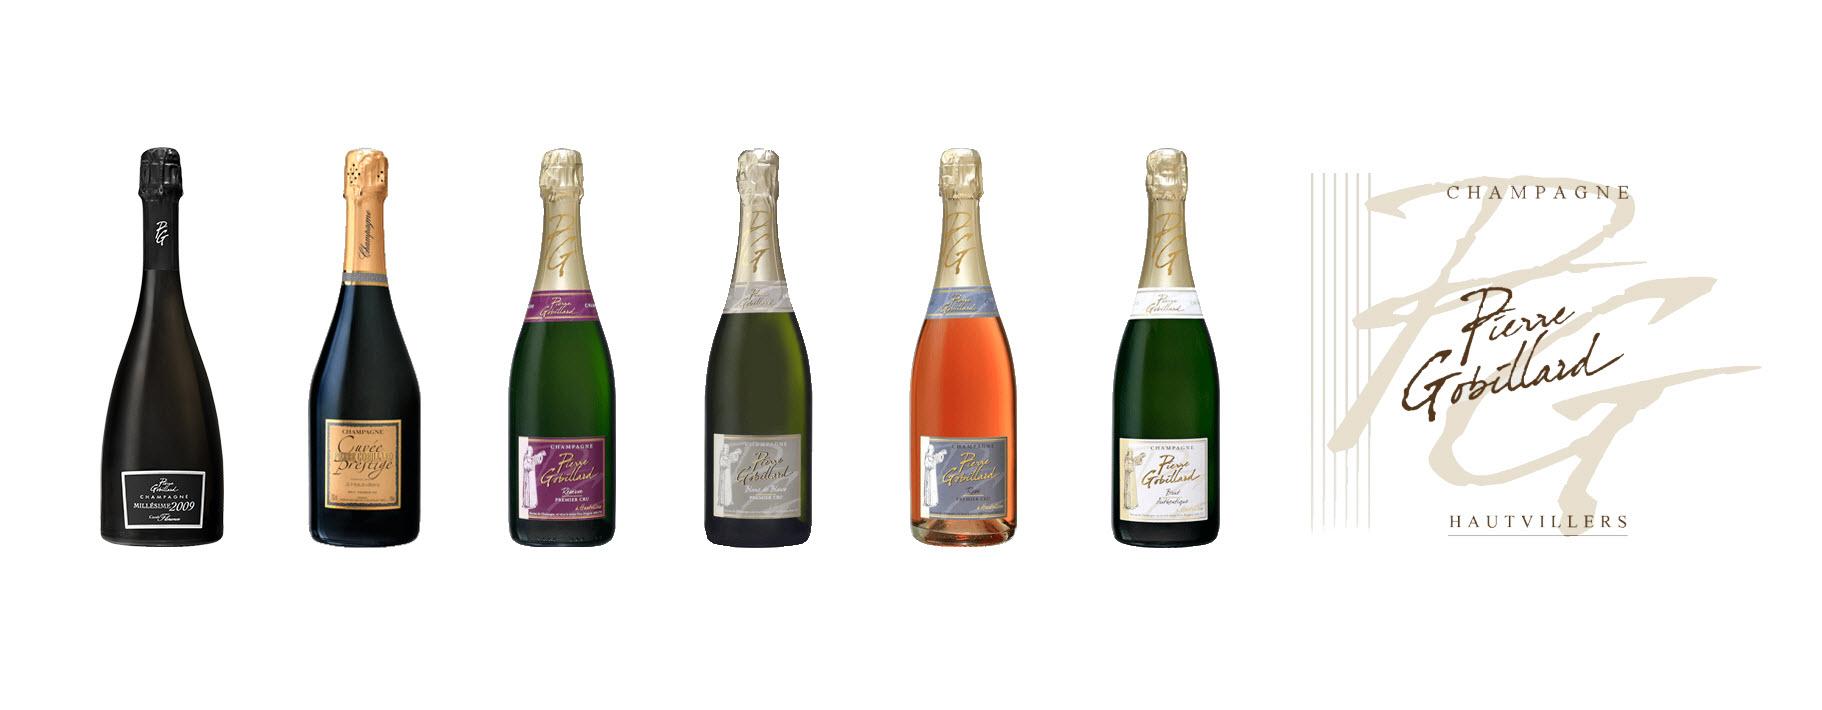 Champagne Pierre Gobillard